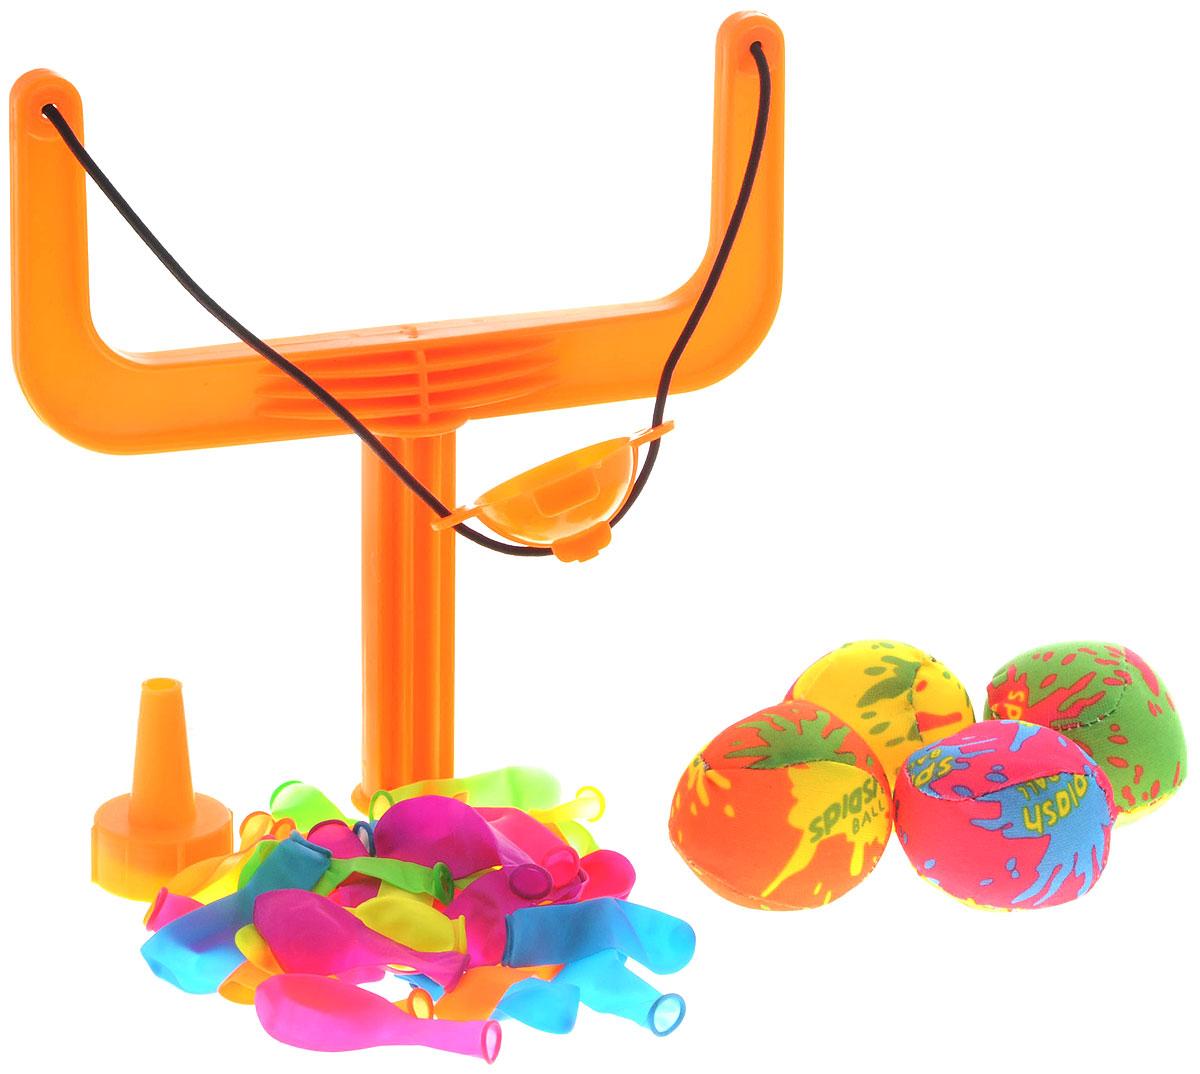 YG Sport Игровой набор Водяные бомбочкиYG16YИгровой набор YG Sport Водяные бомбочки станет любимым развлечением детишек на природе, а для быстрого наполнения и метания чудо-бомбочек в комплекте предусмотрены аксессуары. Подготовить чудо-бомбочку довольно просто: наполнить шарик водой, используя воронку, завязать и выстрелить из рогатки в выбранную мишень. С помощью этого игрового набора можно разнообразить пляжный отдых или же освежиться, играя на даче или пикнике. Новое игровое приобретение настроит деток на положительный эмоциональный фон и благоприятно воздействует на развитие меткости и ловкости. Все элементы набора выполнены из качественных и гипоаллергенных материалов, абсолютно безопасных для детской игры.